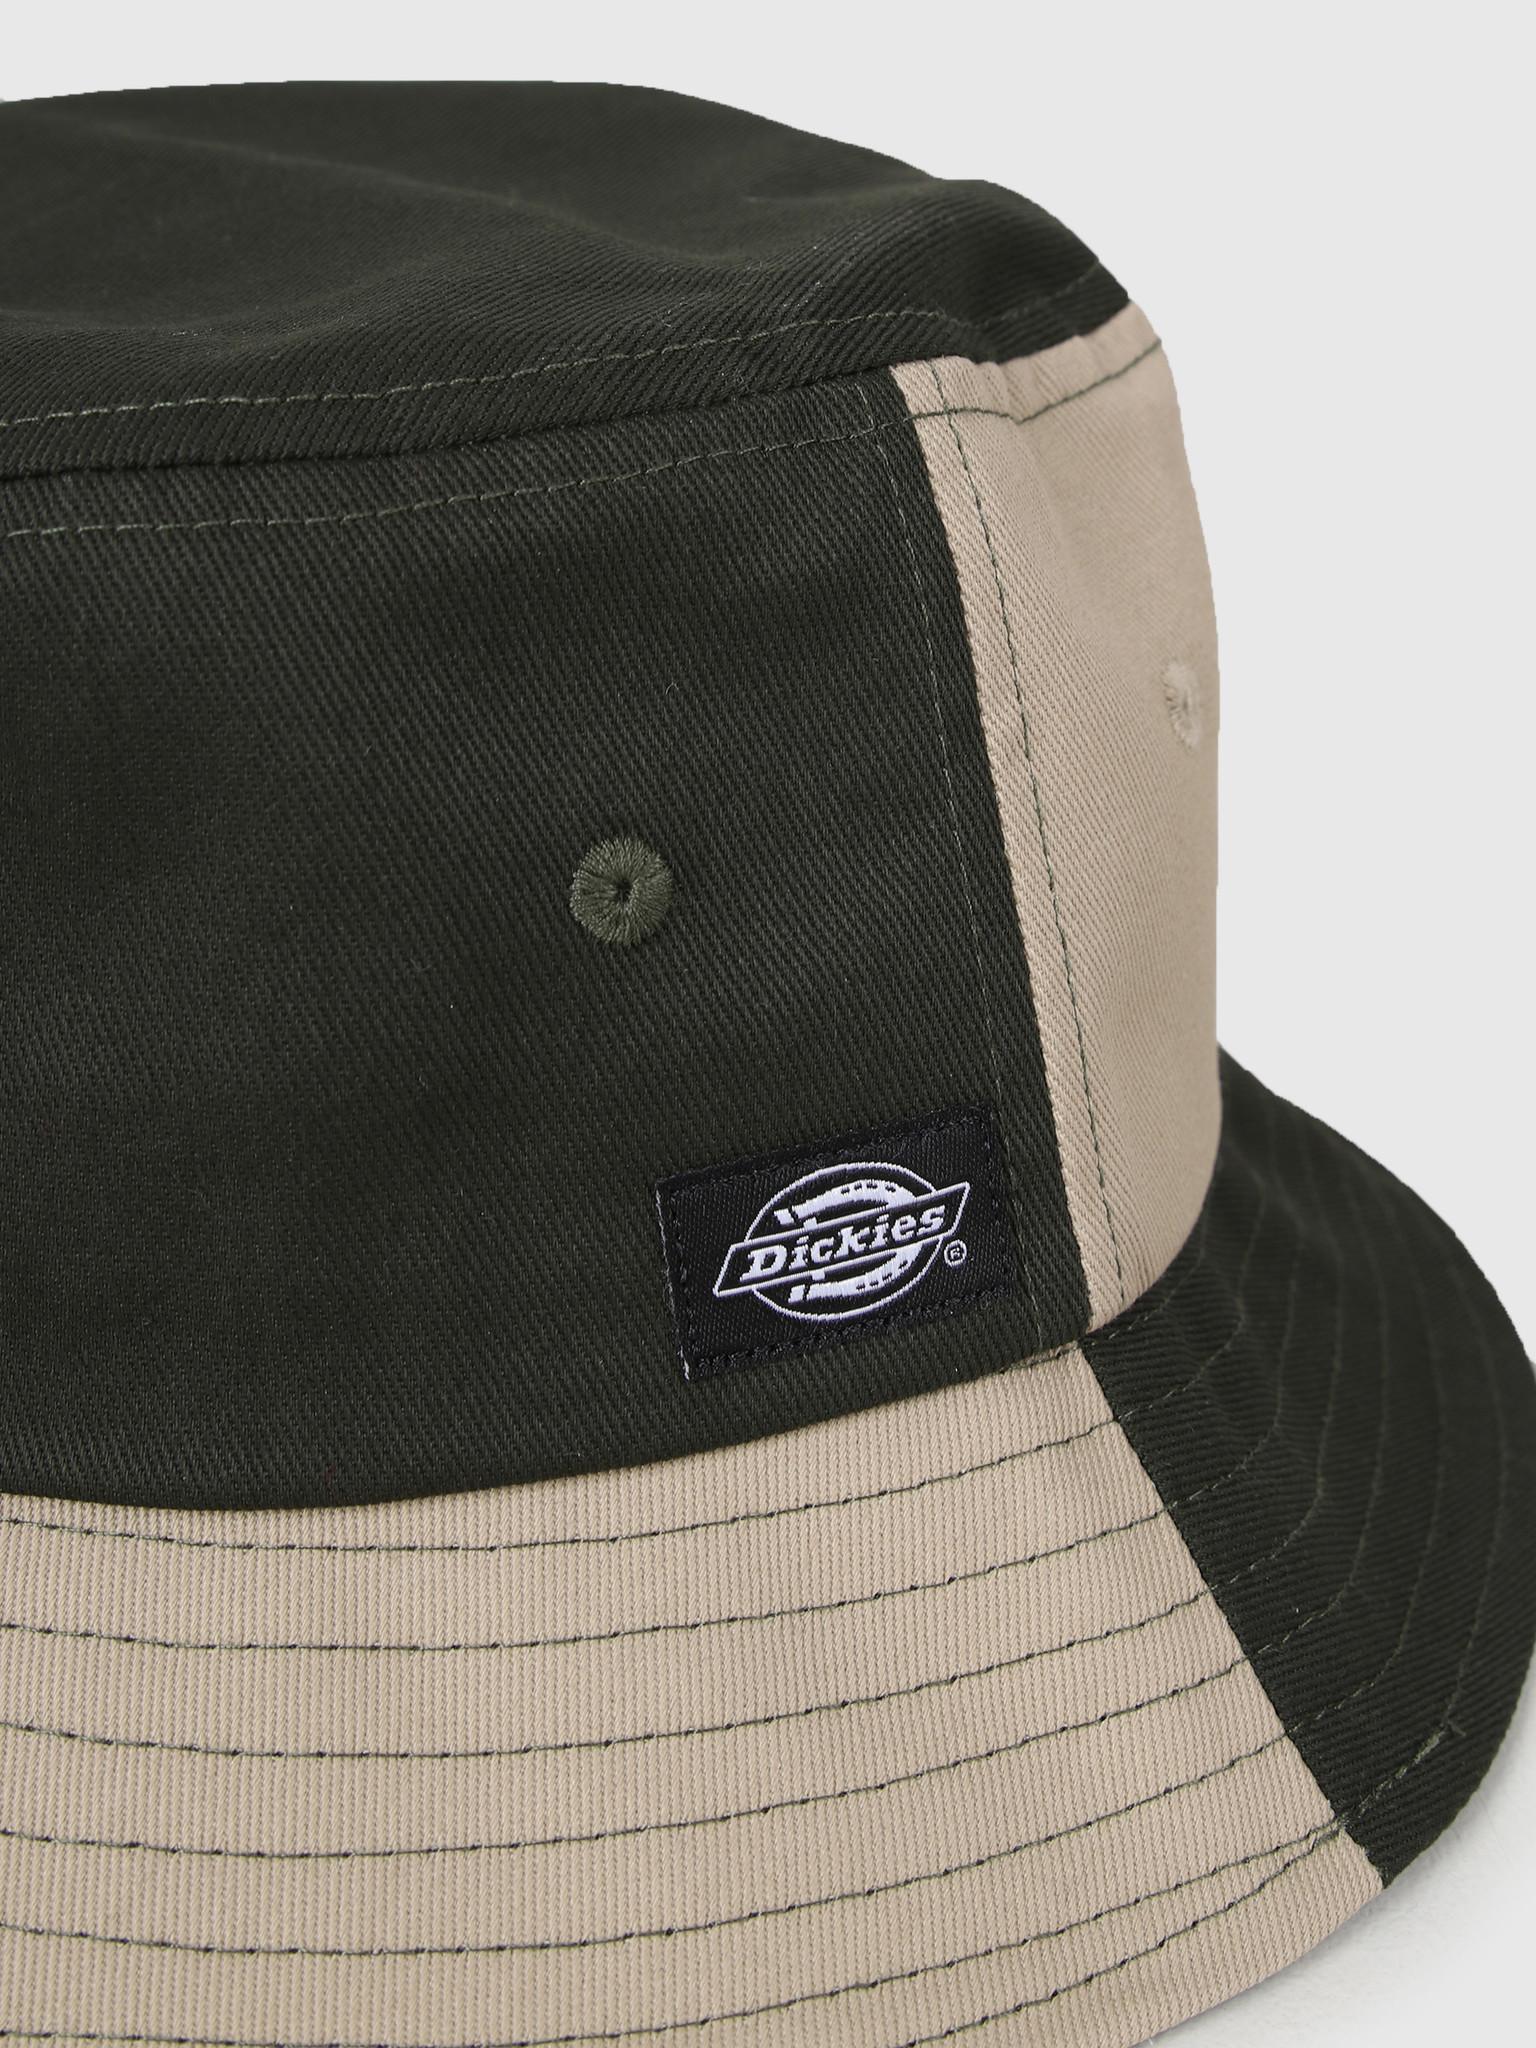 Dickies Dickies Addison Bucket Hat Olive Green DK844022OGX1